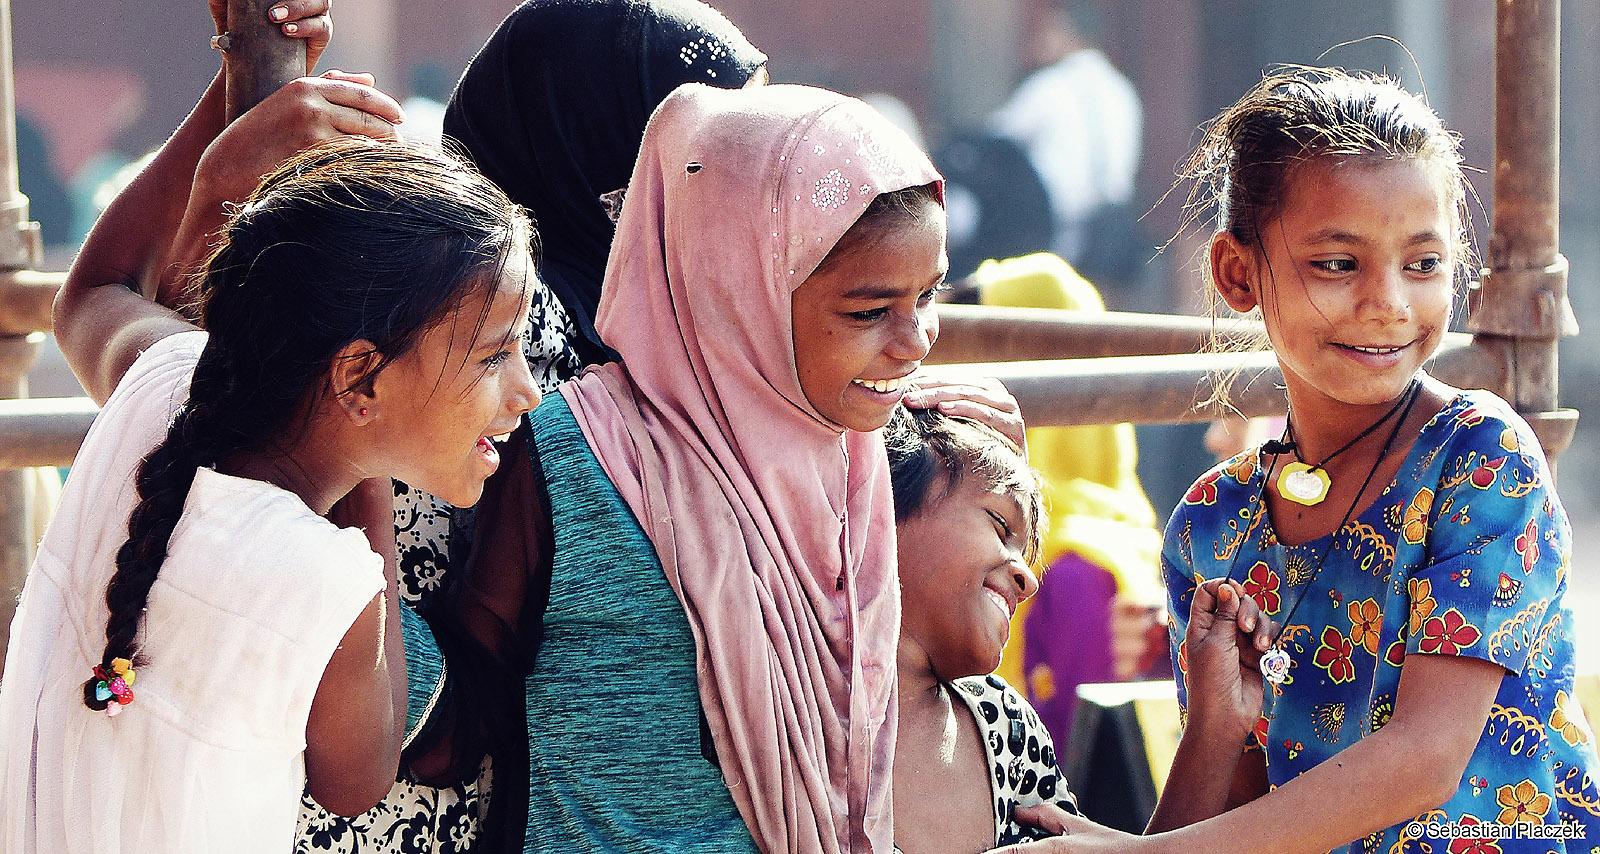 Indie, zycie codzienne w centrum Delhi. Zdjęcia - Sebastian Placzek